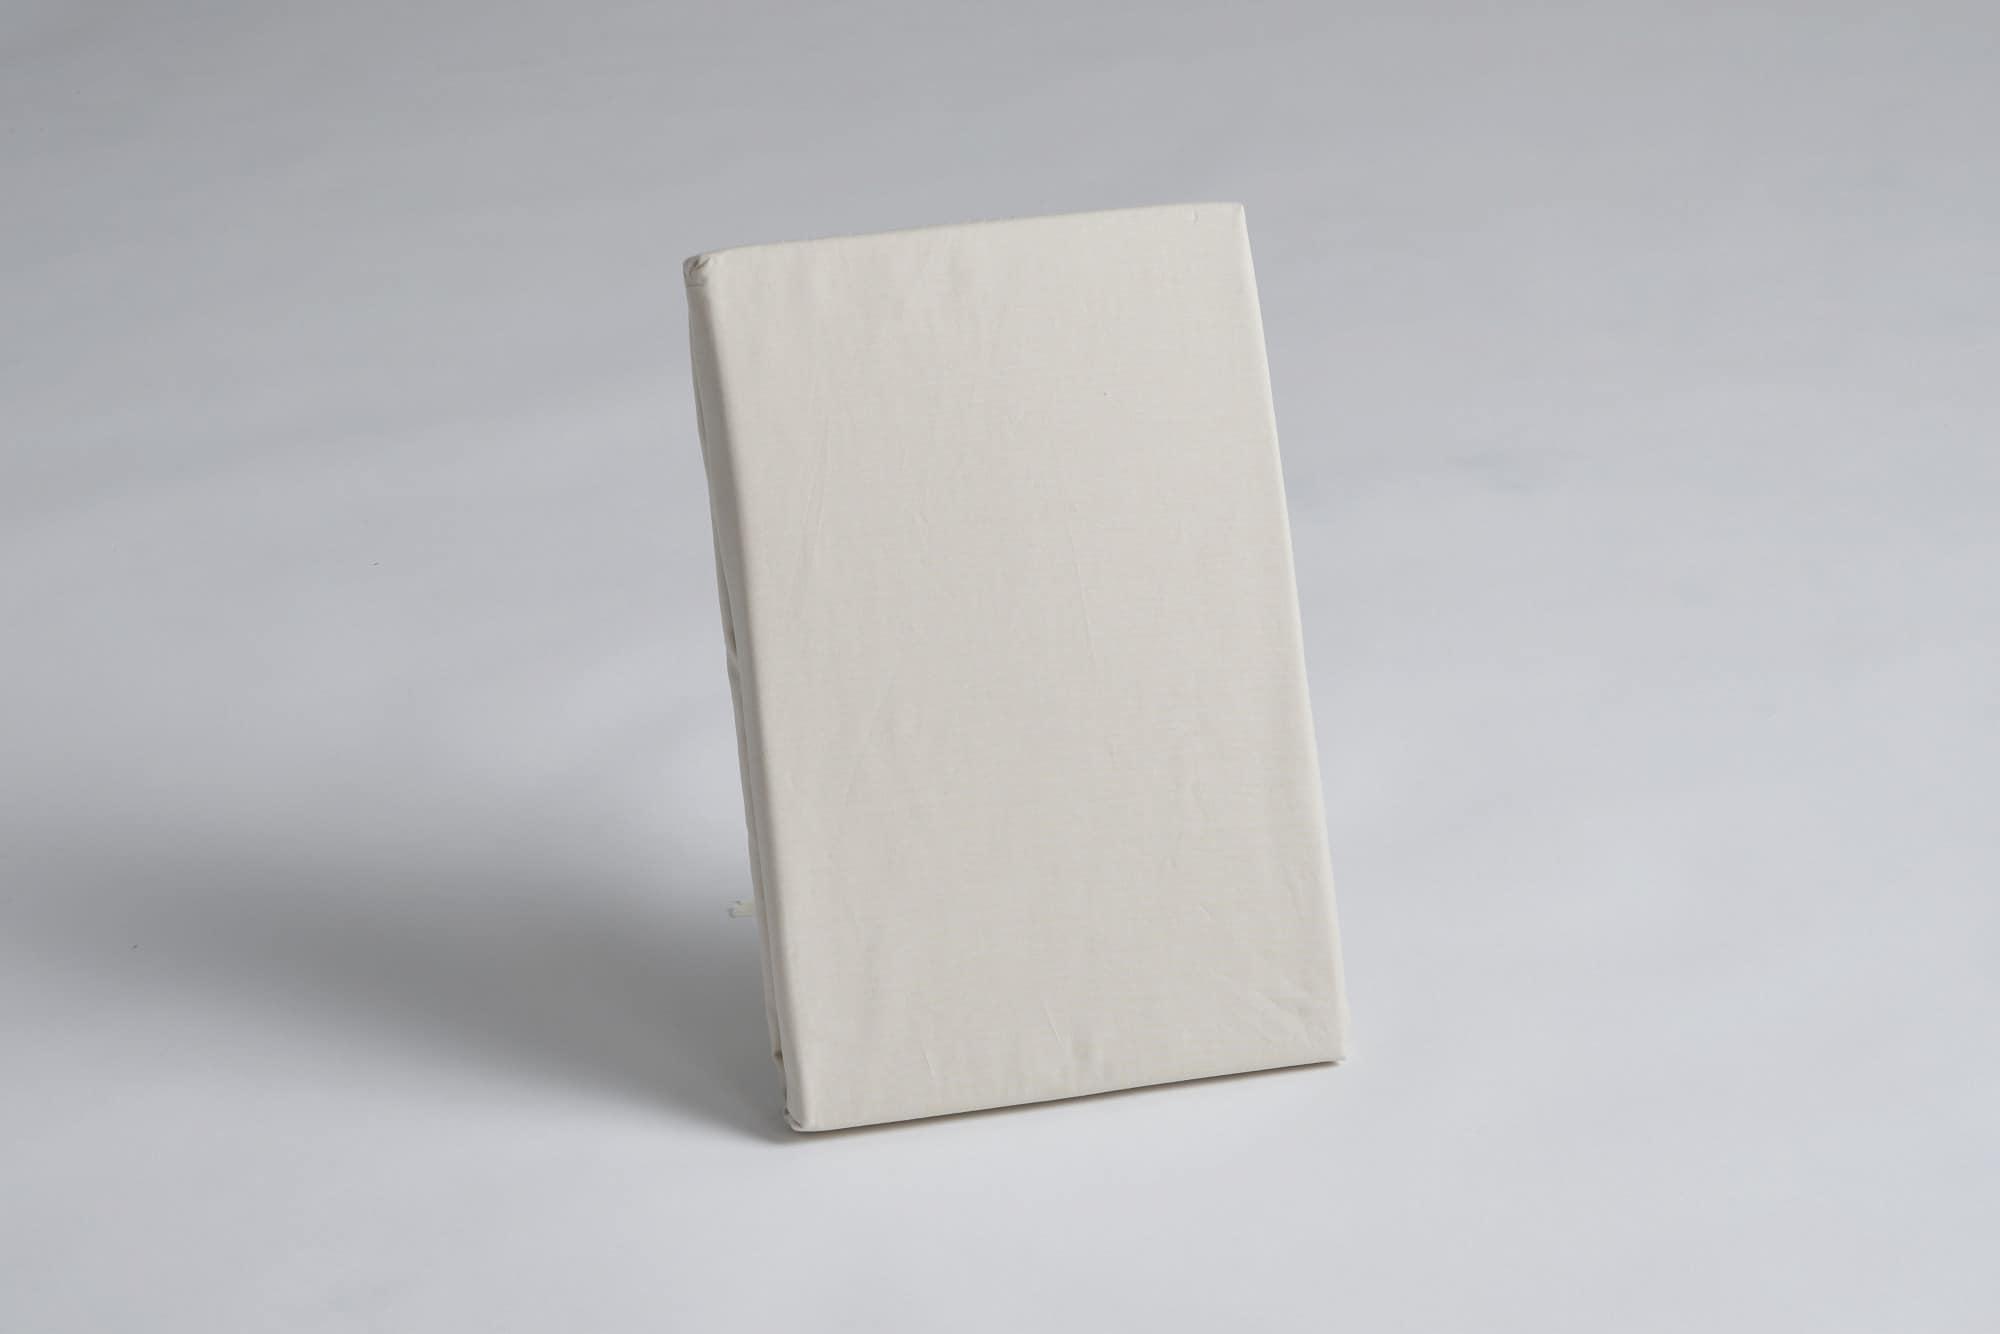 ボックスシーツ クイーン2用 36H ナチュラル:《綿100%を使用したボックスシーツ》